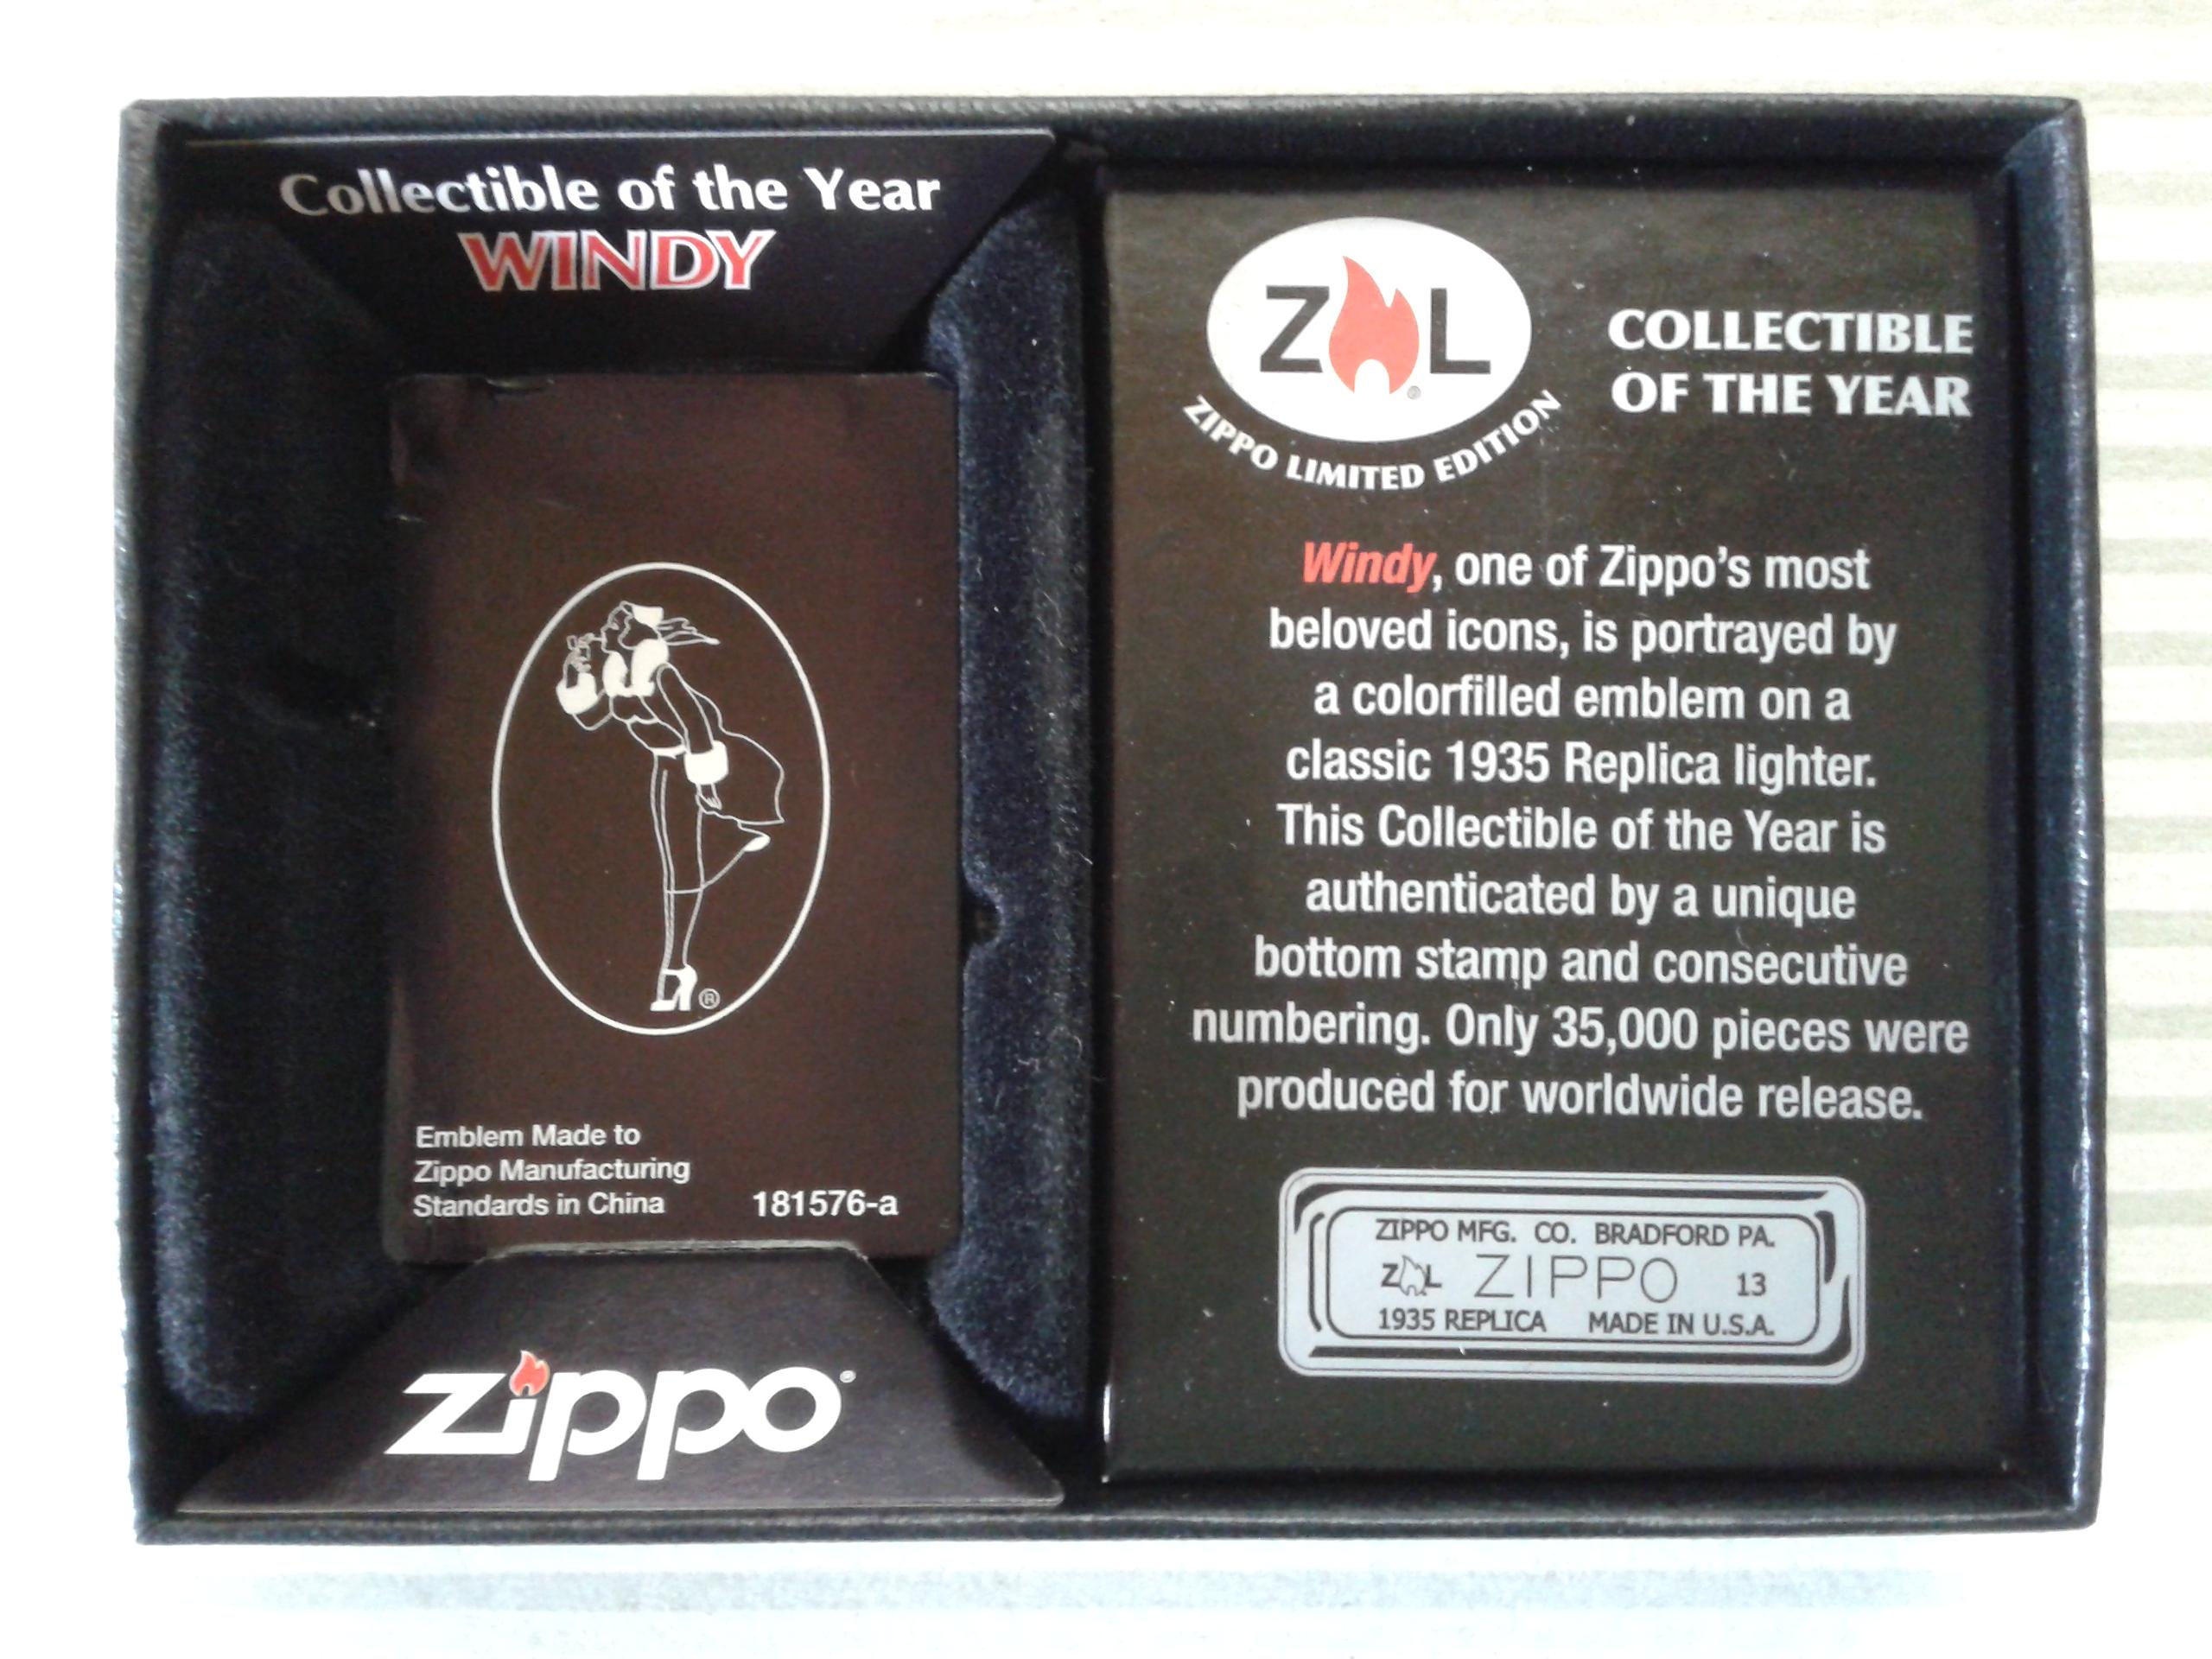 Les boites Zippo au fil du temps - Page 3 886238WindyCOTY20134